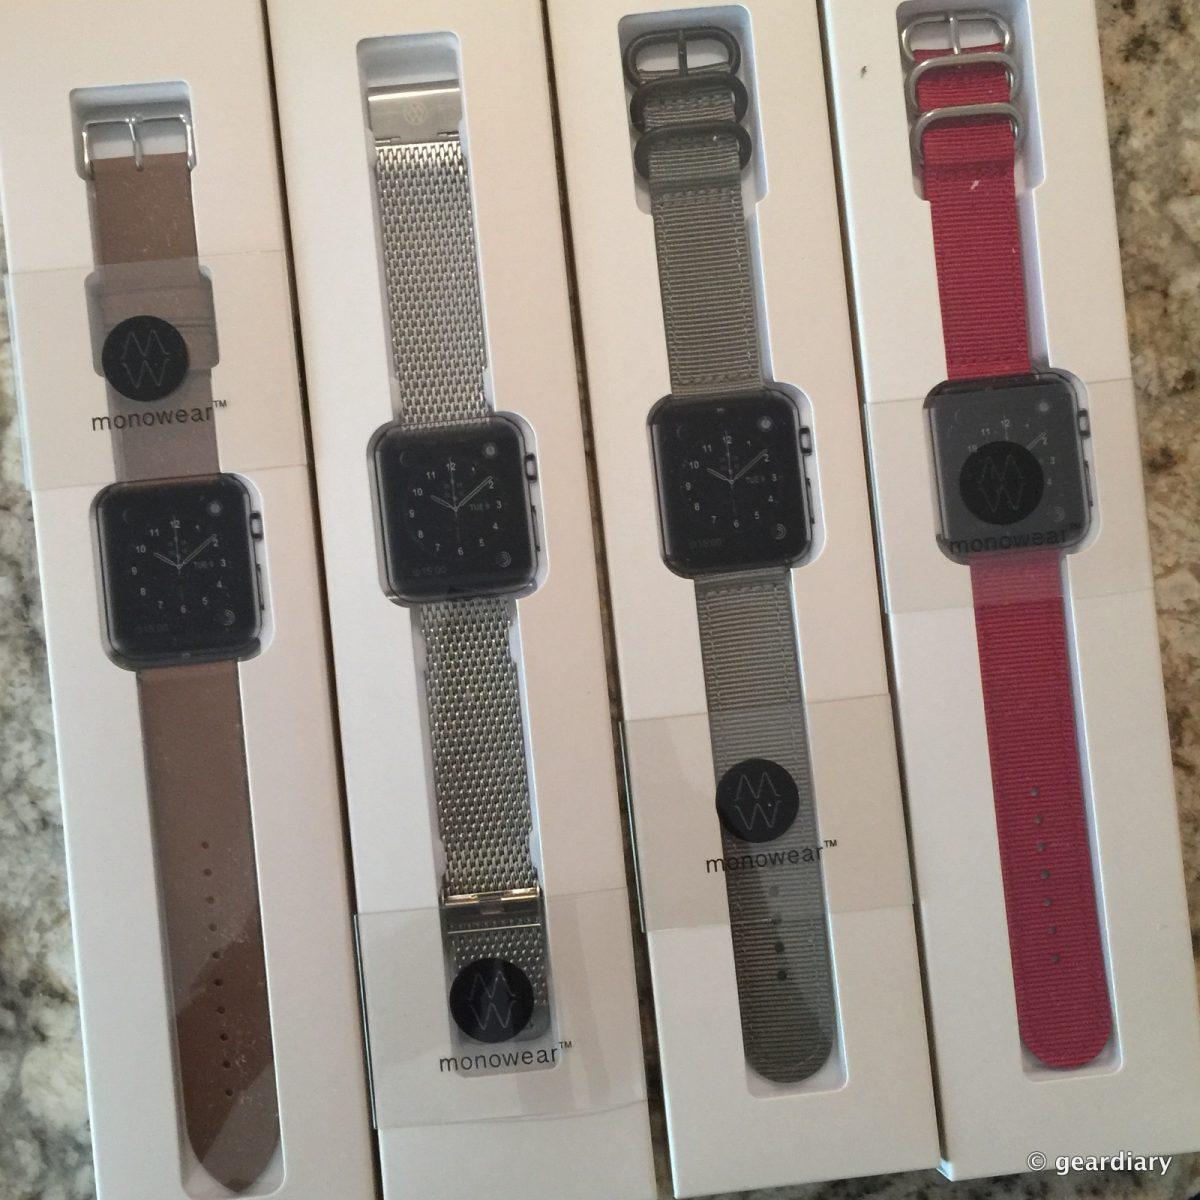 Monowear Apple Watch Accessories Apple Watch